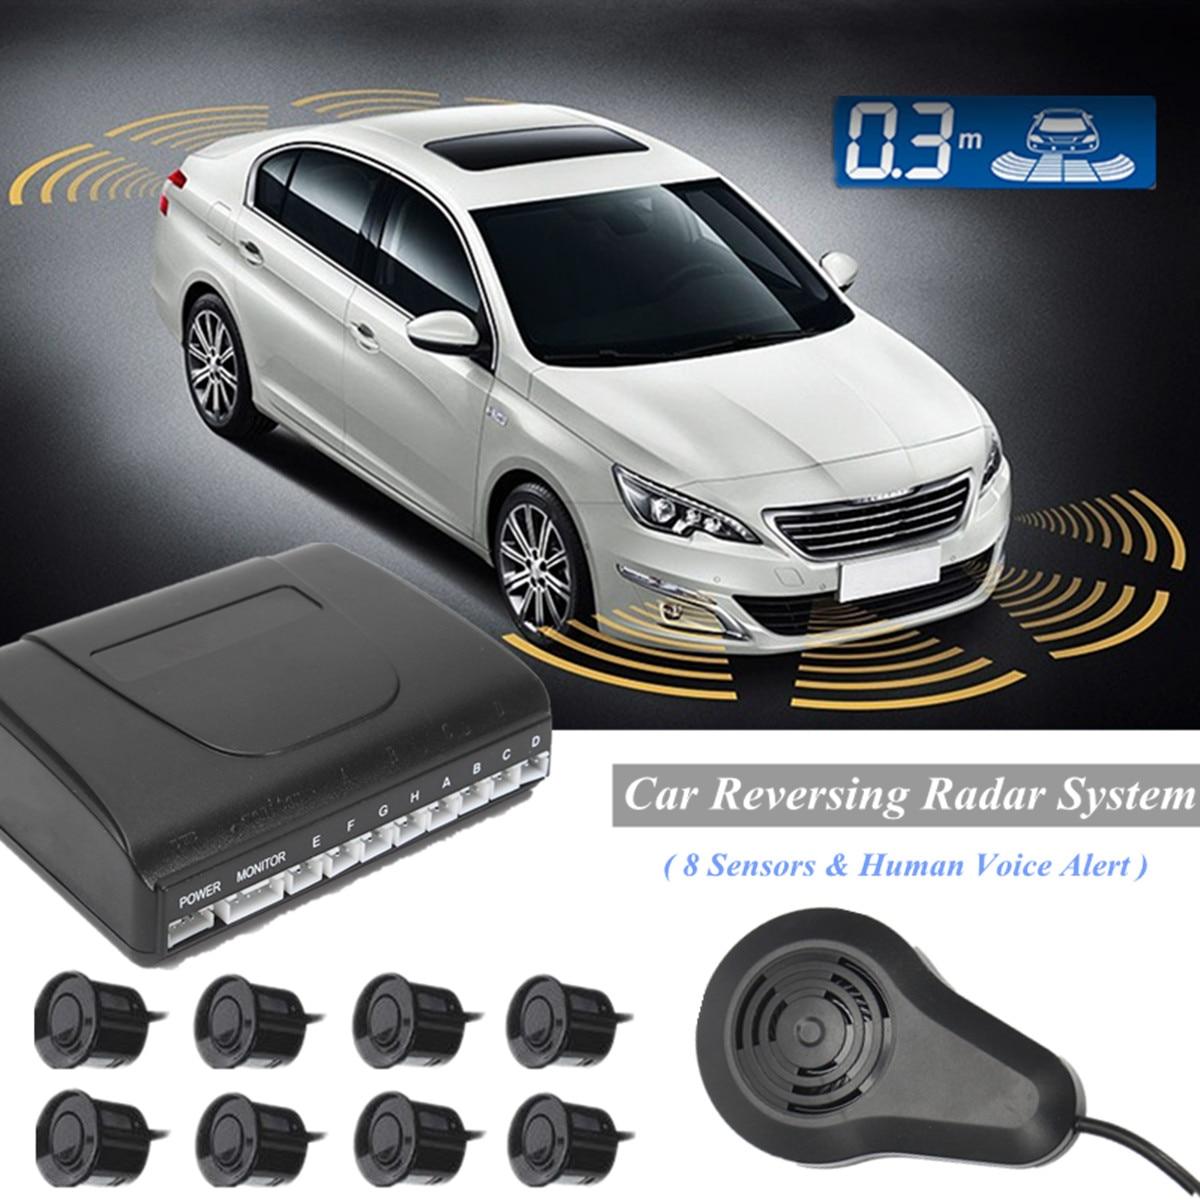 8 capteurs système de stationnement vocal camion voiture aide à l'inversion système de vibreur Radar de secours avec moniteur de Kit d'alarme sonore humaine